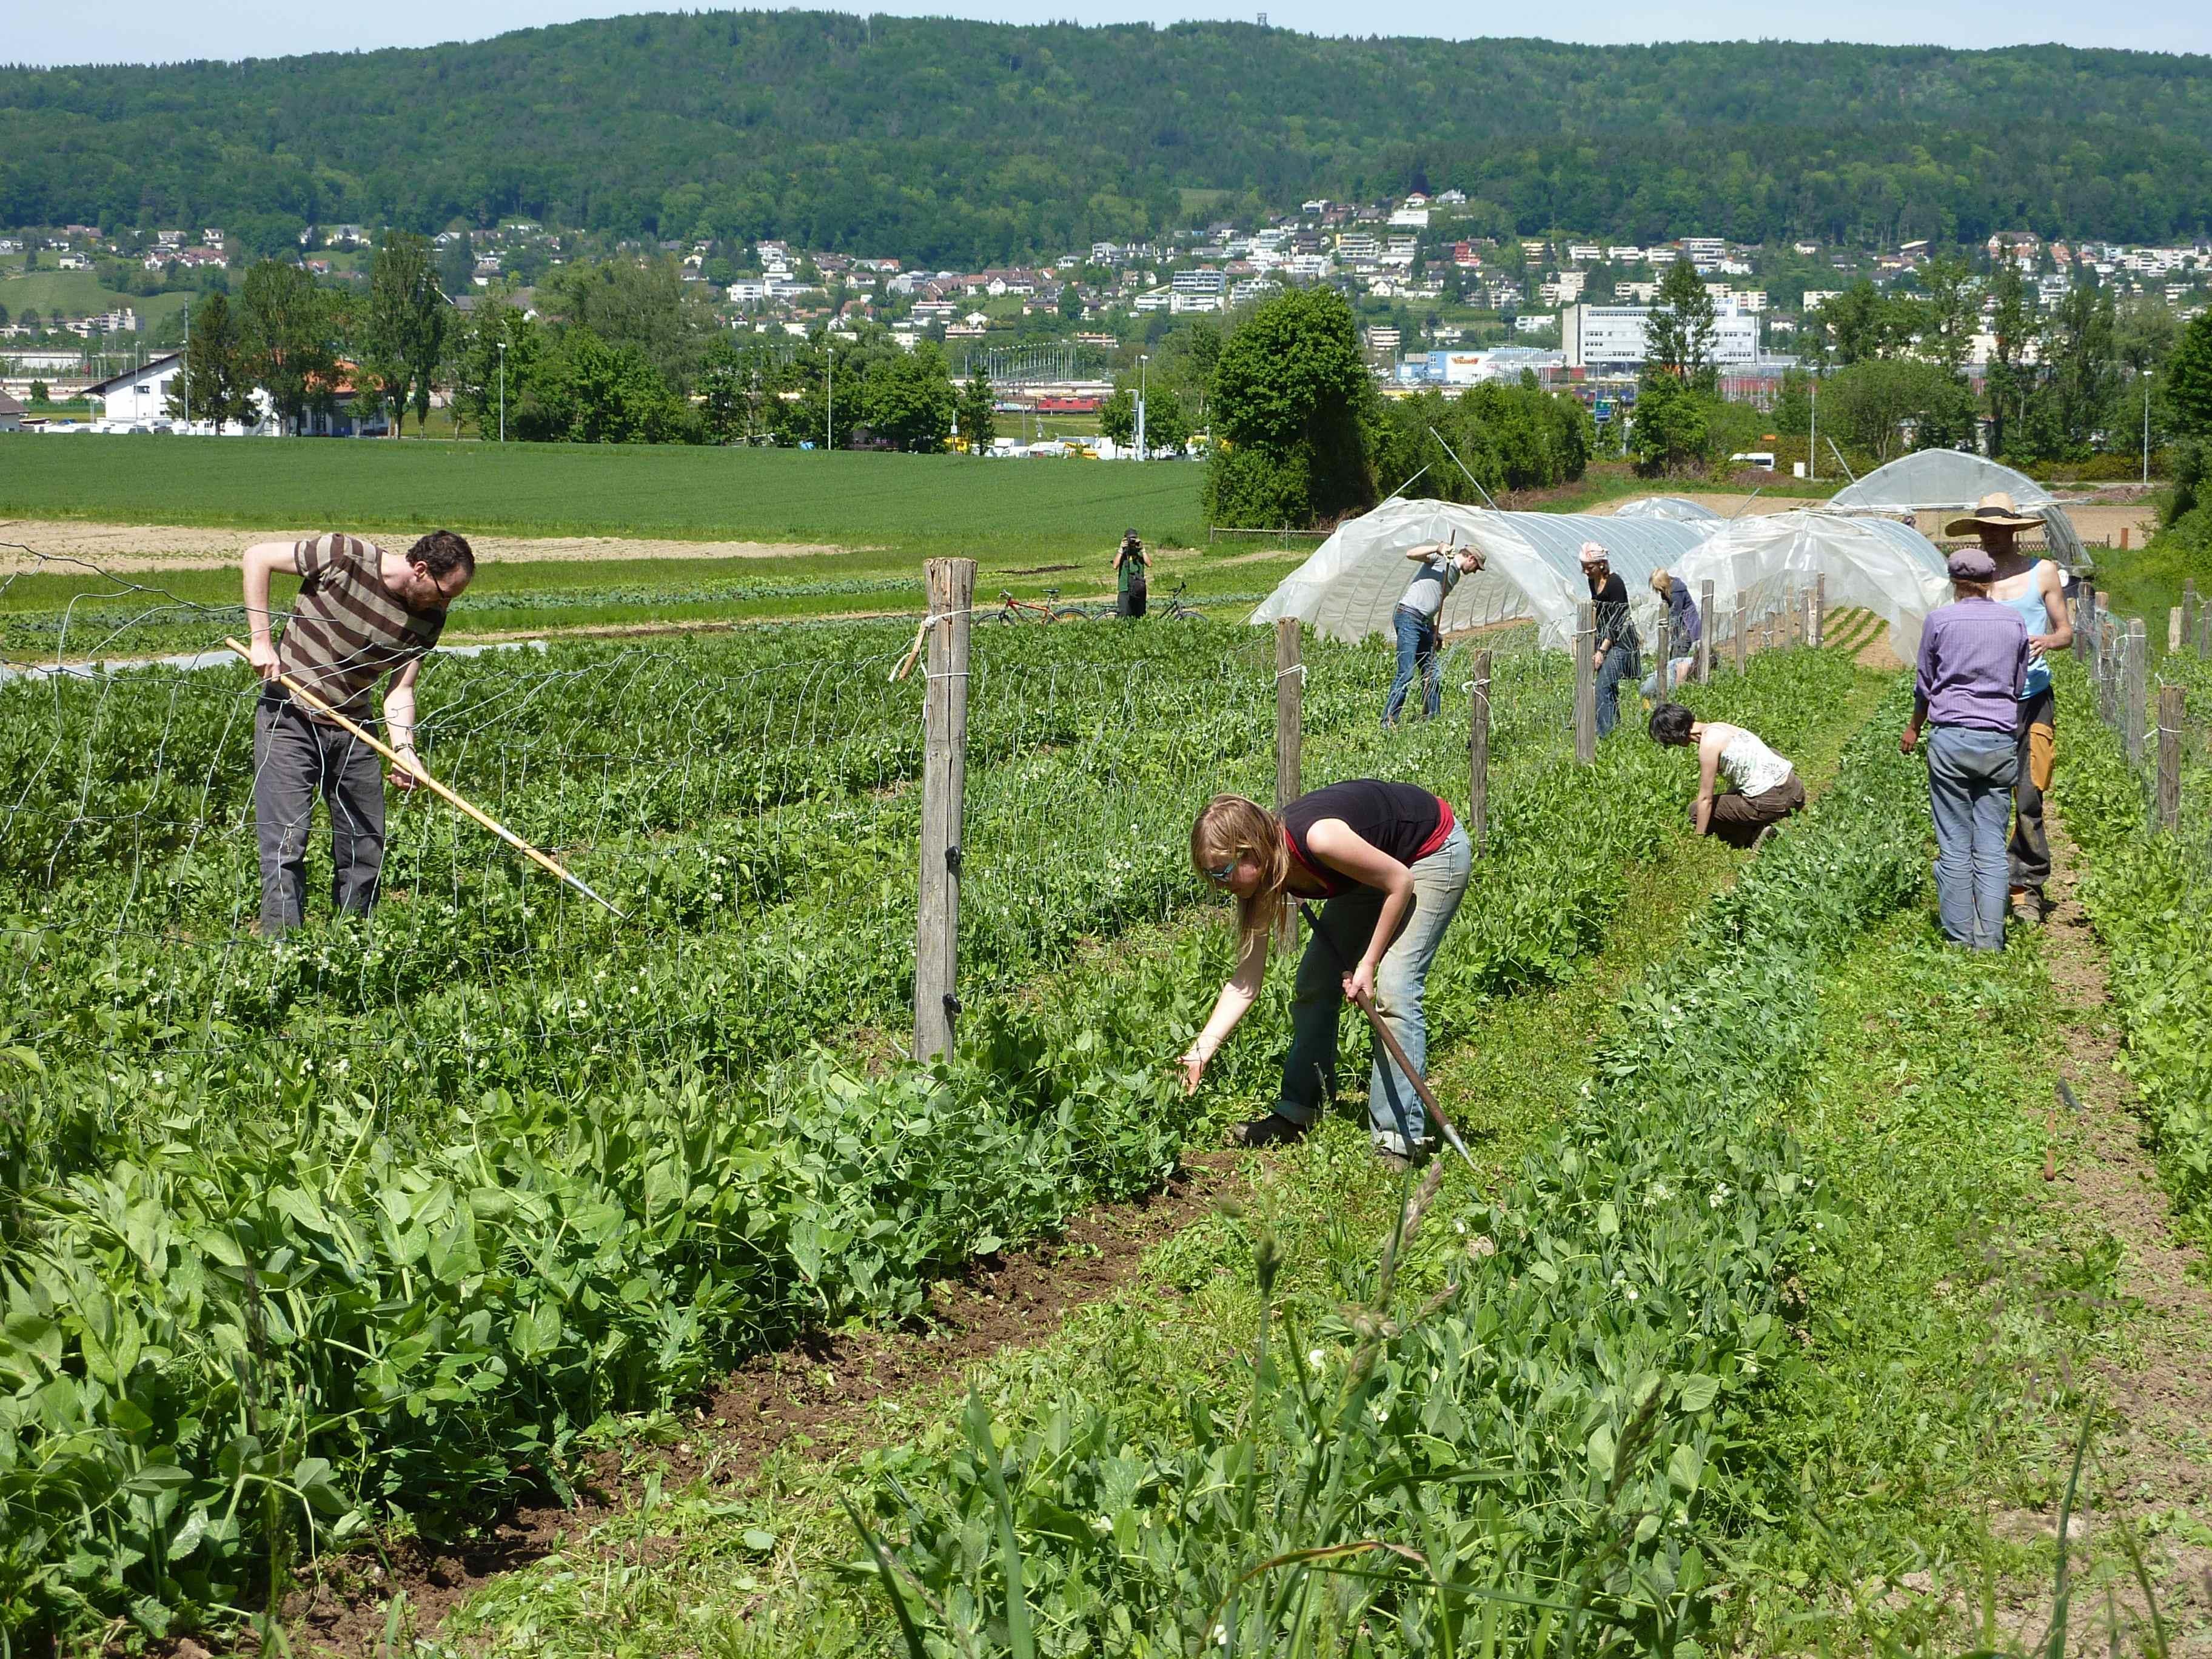 Info-Abend für Interessierte an einem genossenschaftlichen Garten in Götzis, der seine Mitglieder rund ums Jahr mit frischem, saisonalem Gemüse versorgen soll.